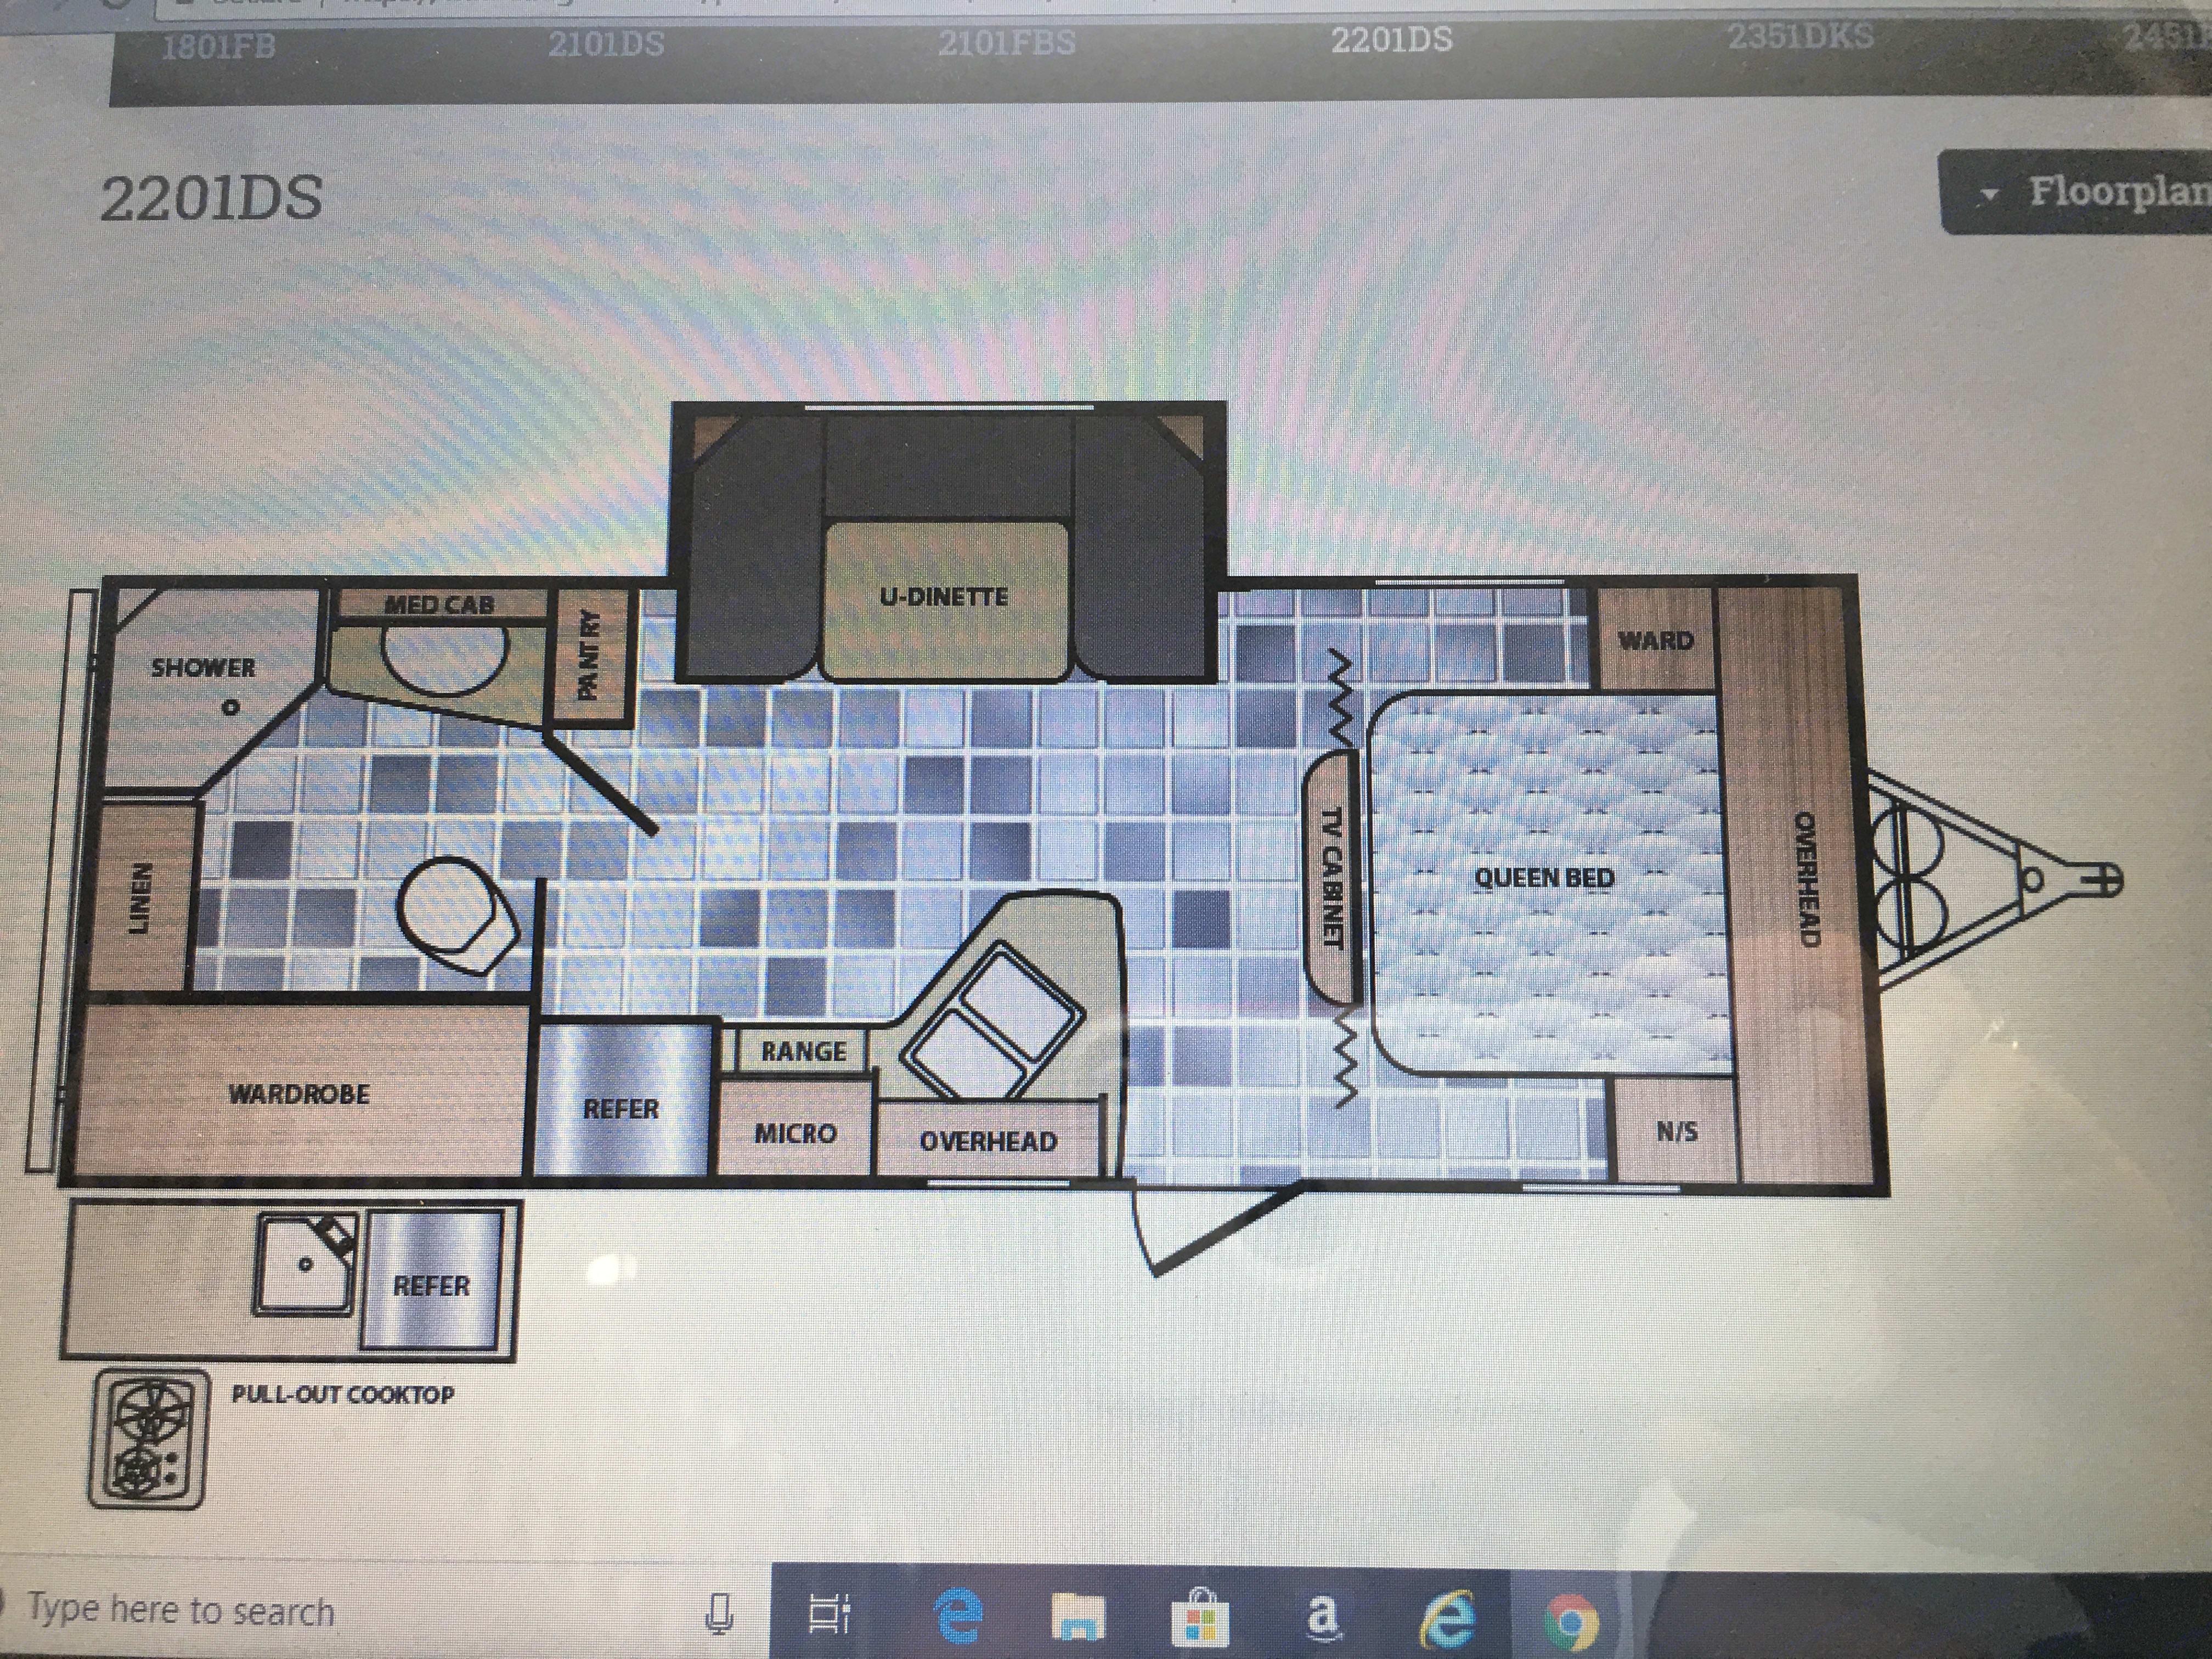 Model 2201DS flooran. Winnebago Minnie Winnie 2015